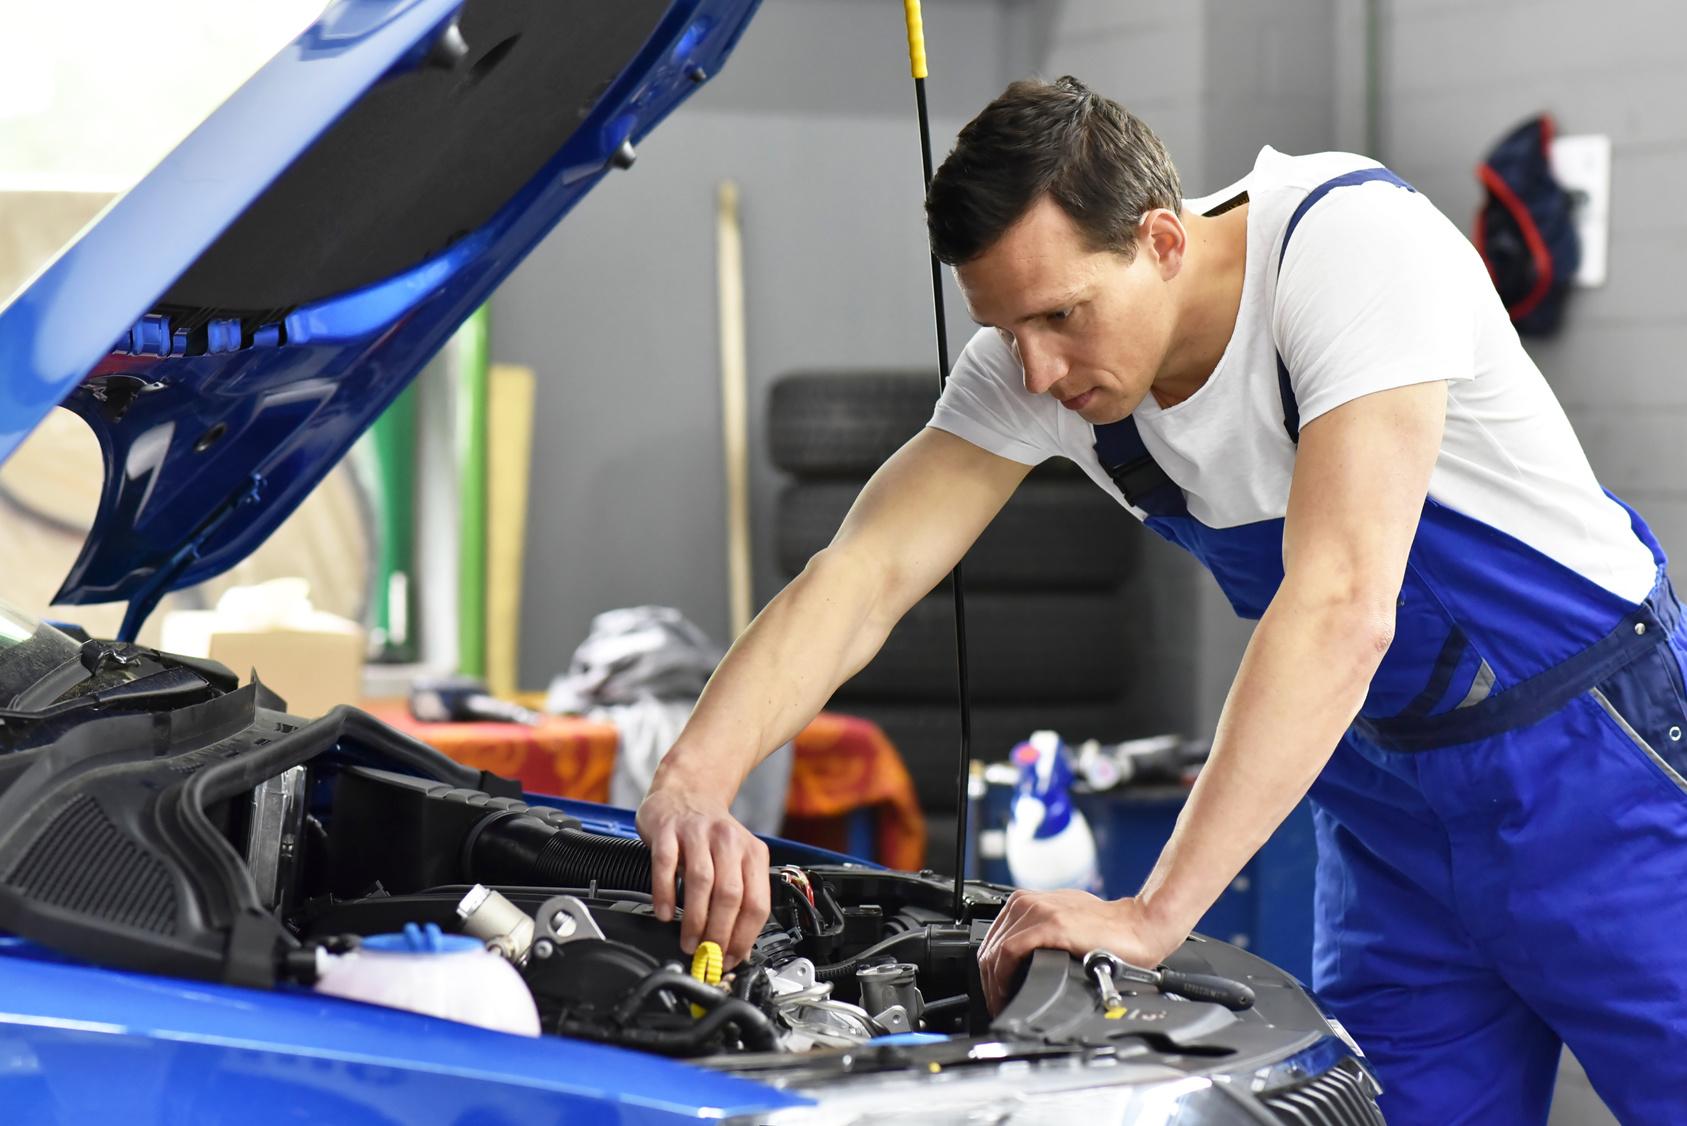 Motorschaden am Auto: Ursache und Reparatur